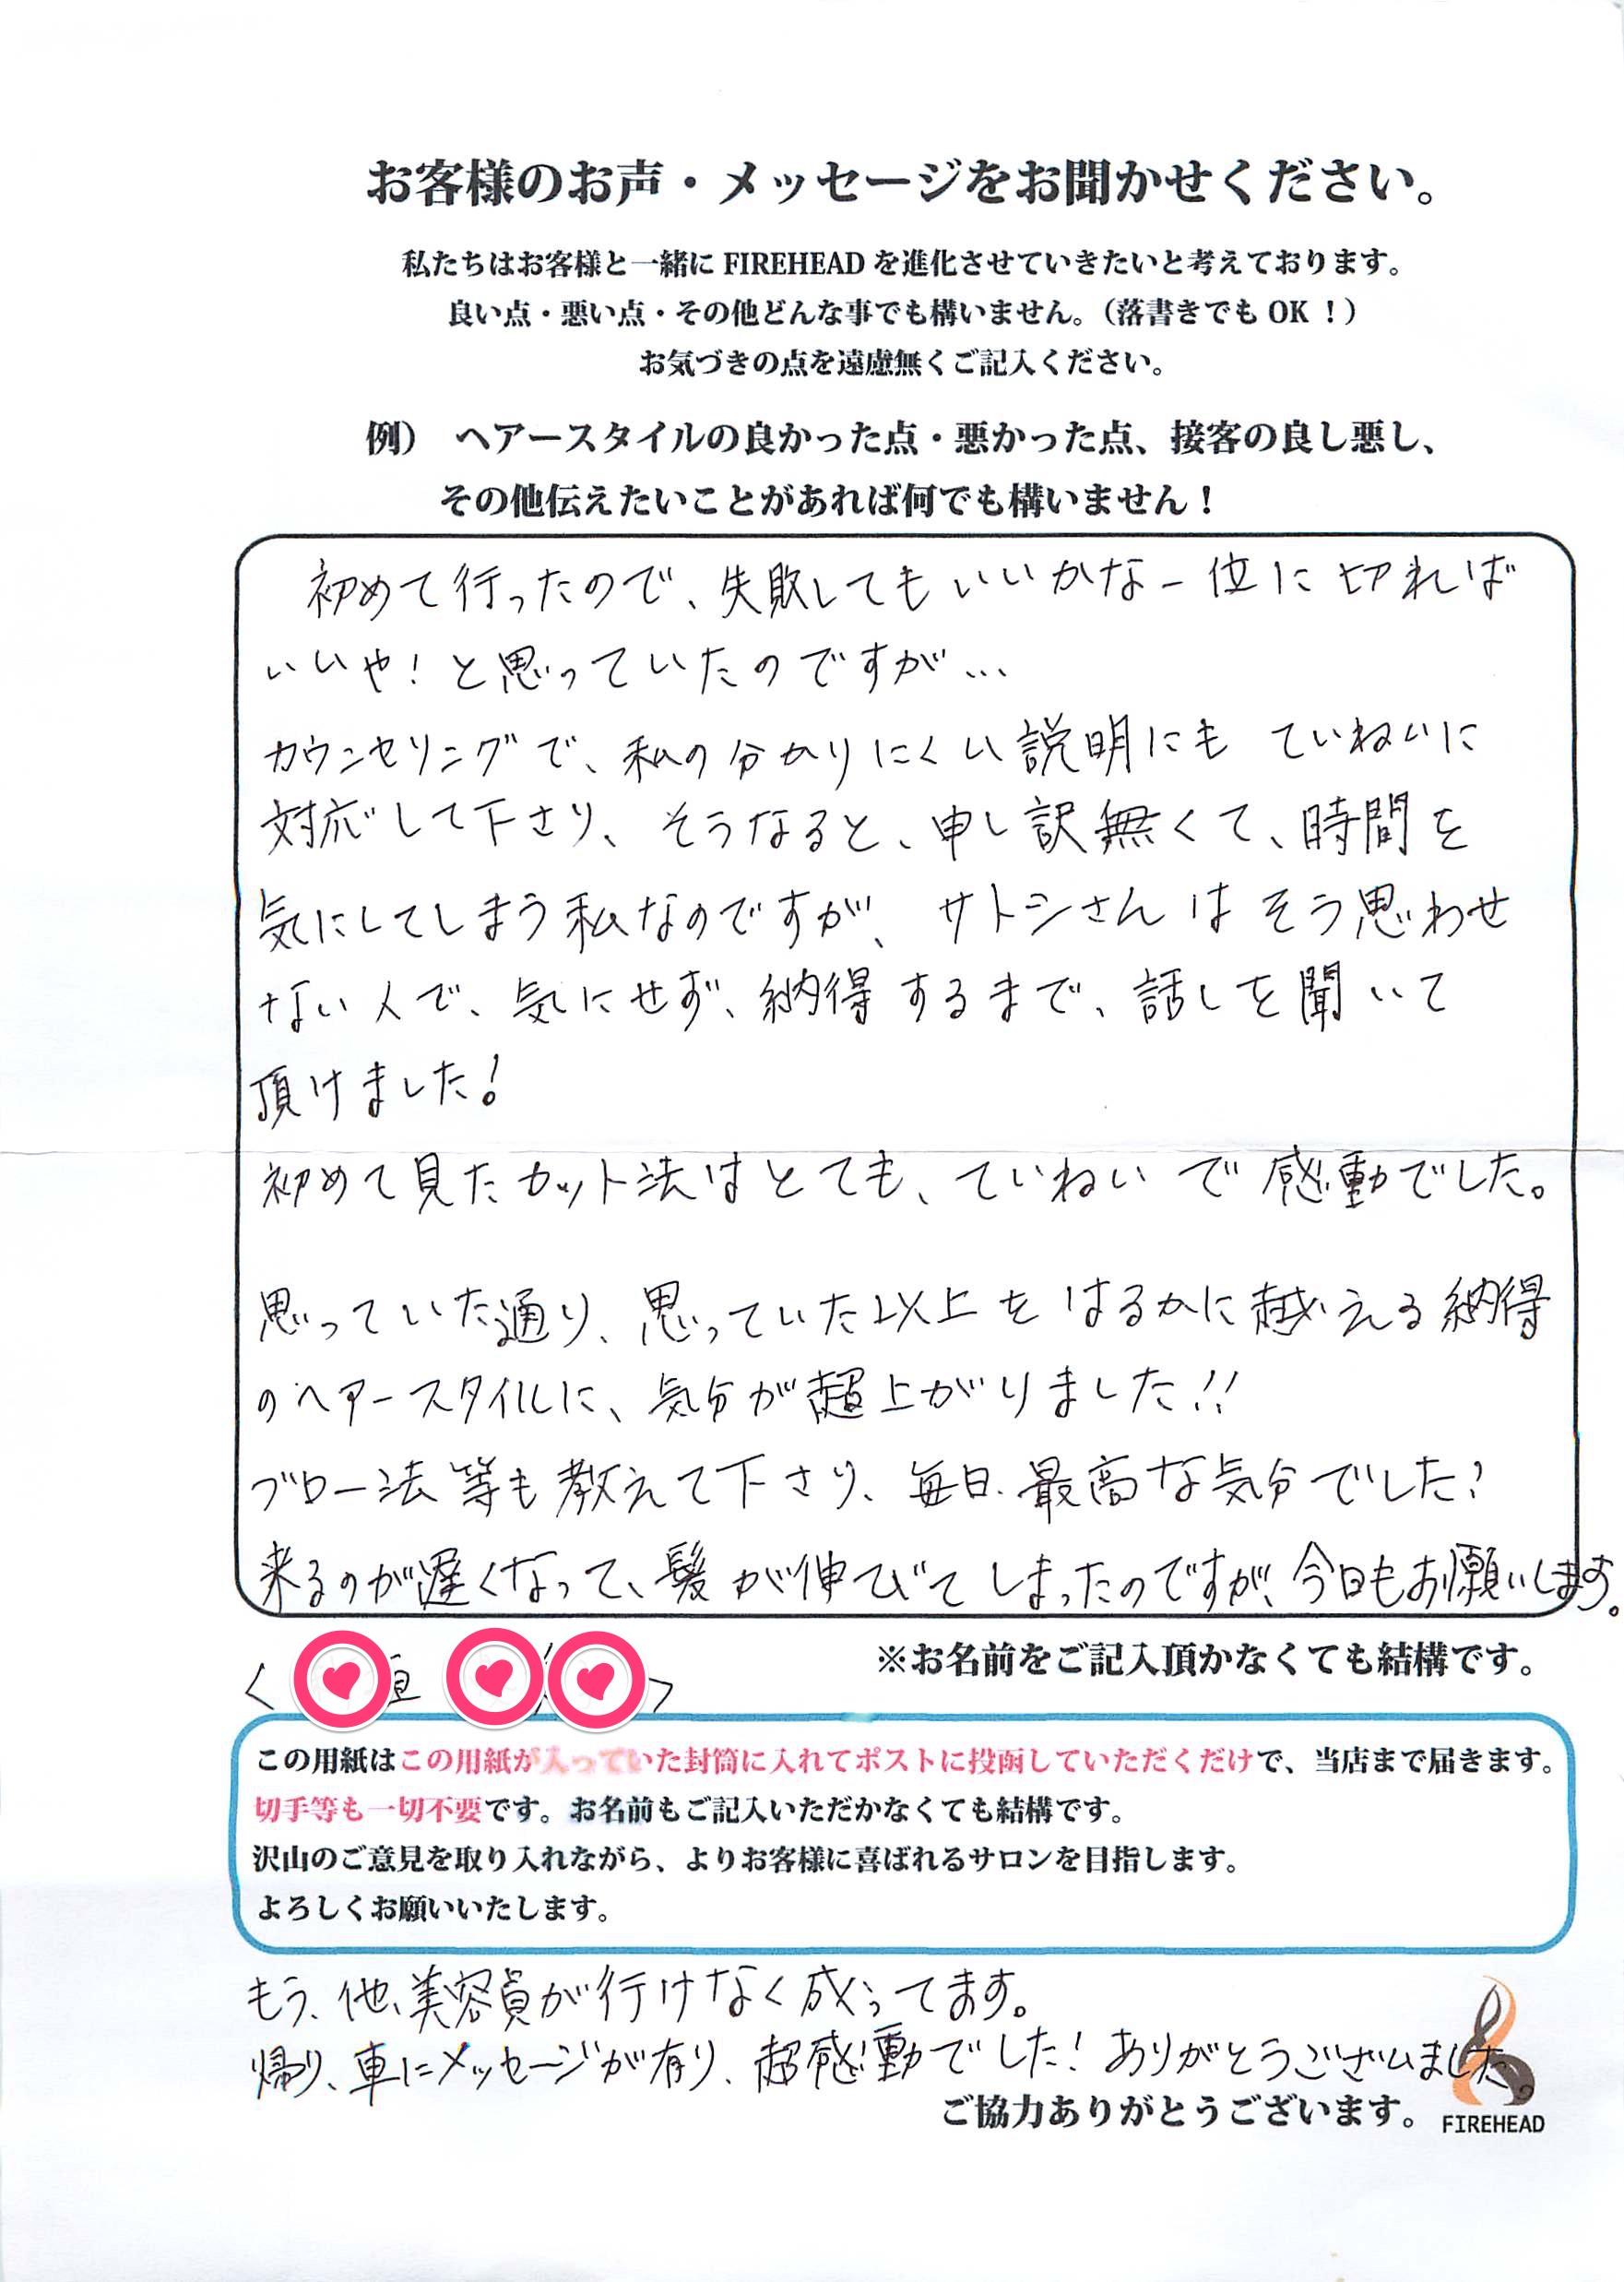 沖縄県 宜野湾市 美容室 ファイヤーヘッド レビュー ドライカット カウンセリング